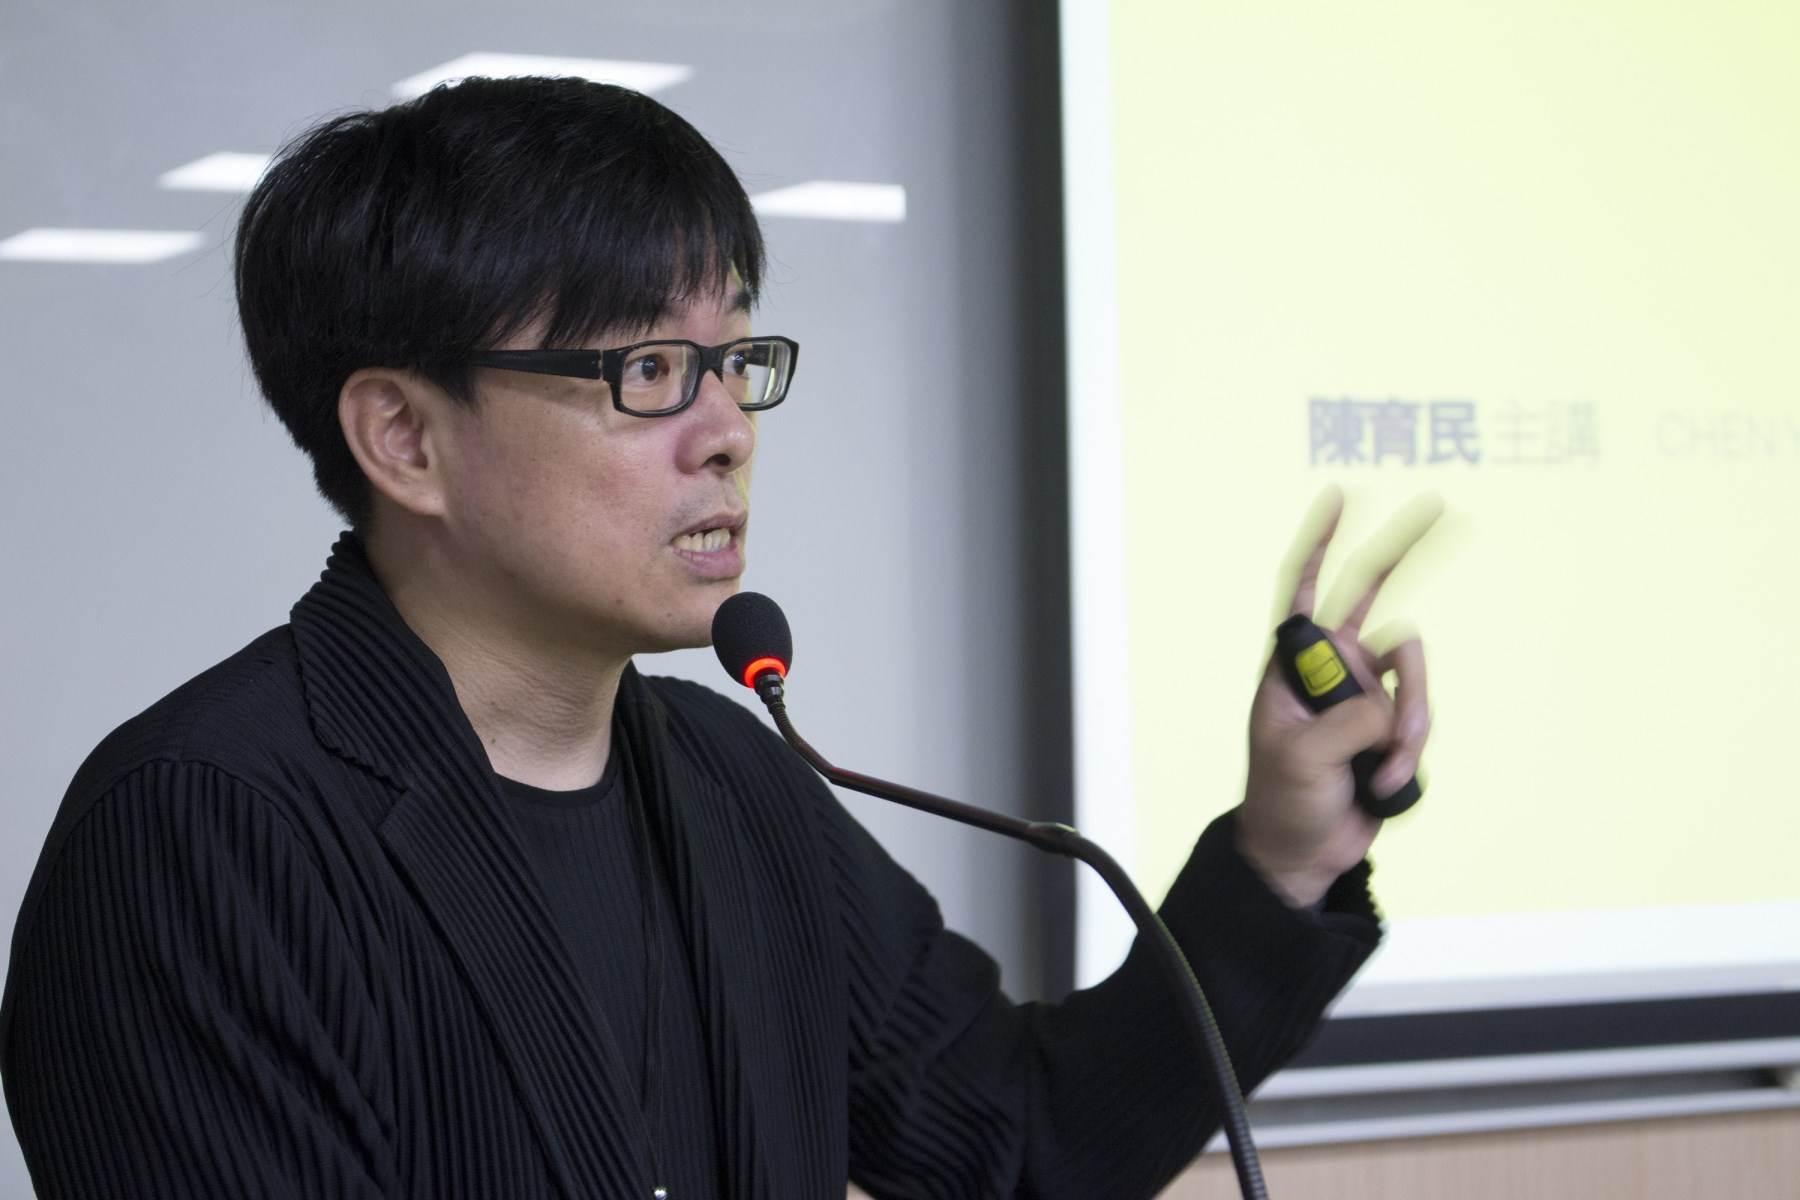 國立高雄科技大學文化創意產業系教授陳育民講座分享